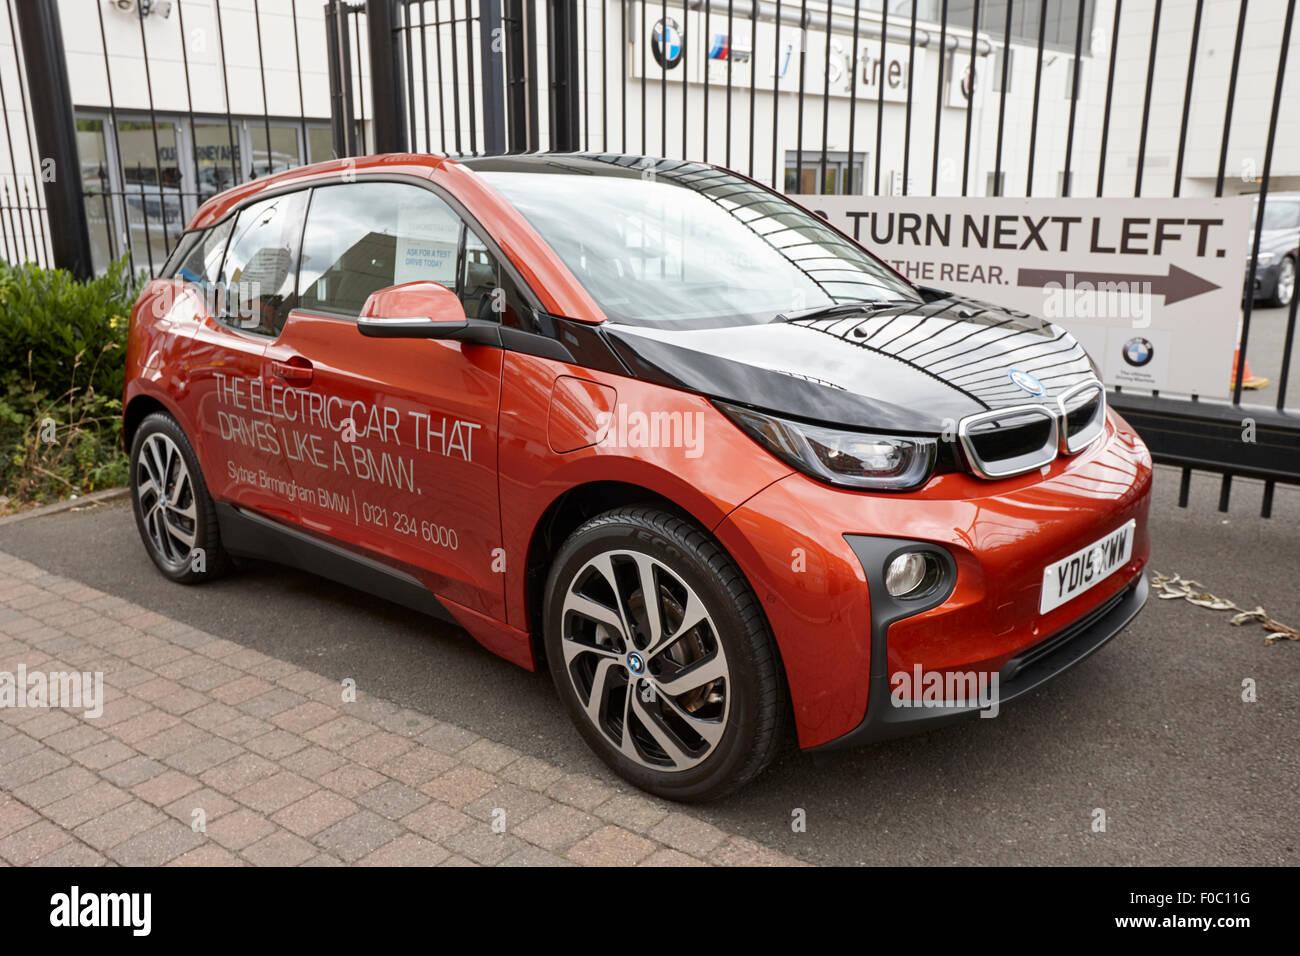 Voiture électrique BMW i3 sur l'affichage à l'un des concessionnaires Birmingham UK Photo Stock